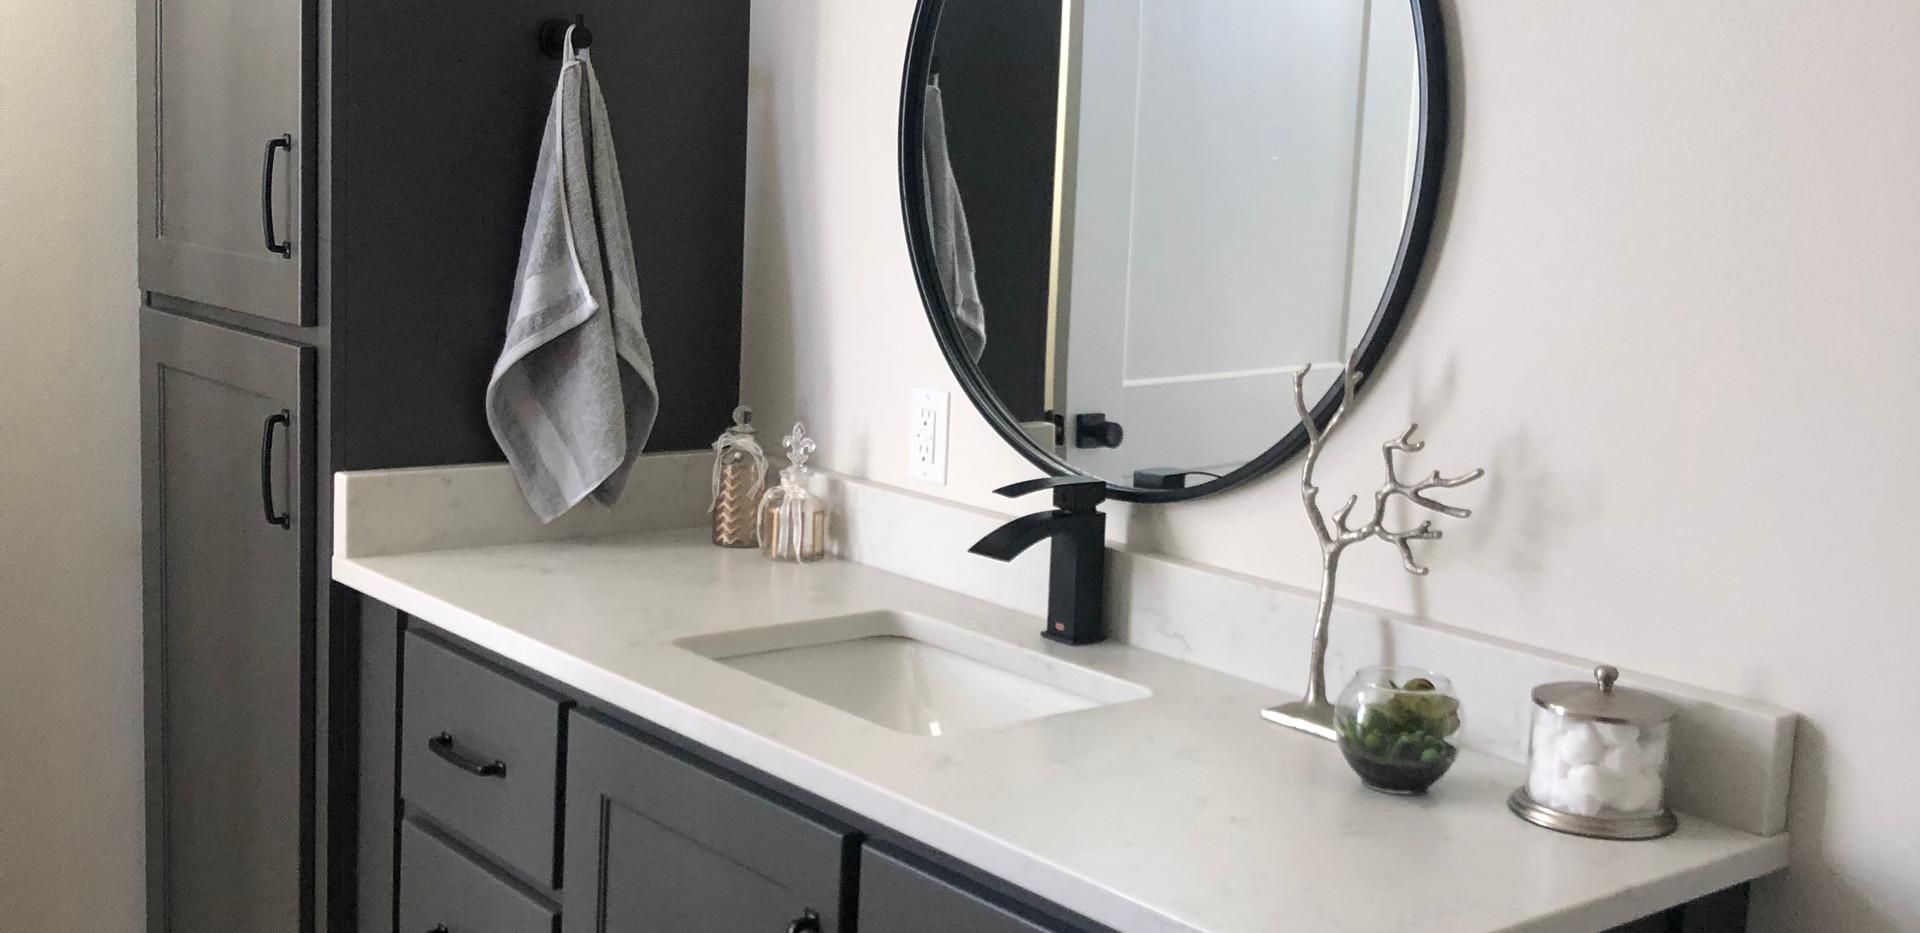 918_Bathroom_remodel_Tulsa_OK.jpeg